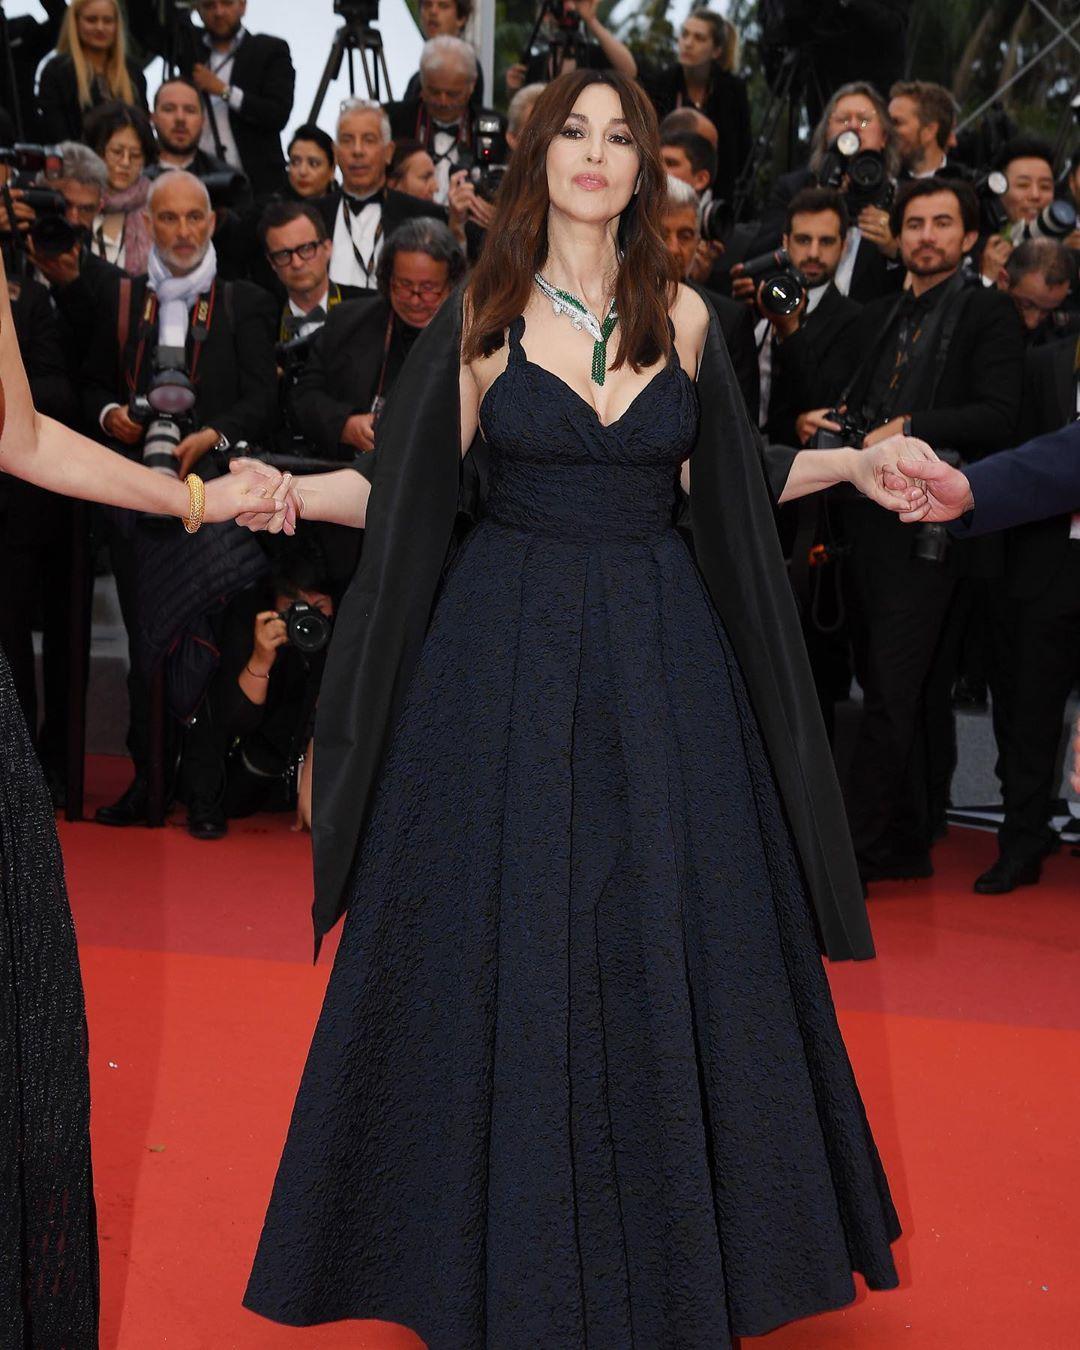 Моника Белуччи появилась в Каннах в пышном готическом темно-синем платье Dior с глубоким декольте